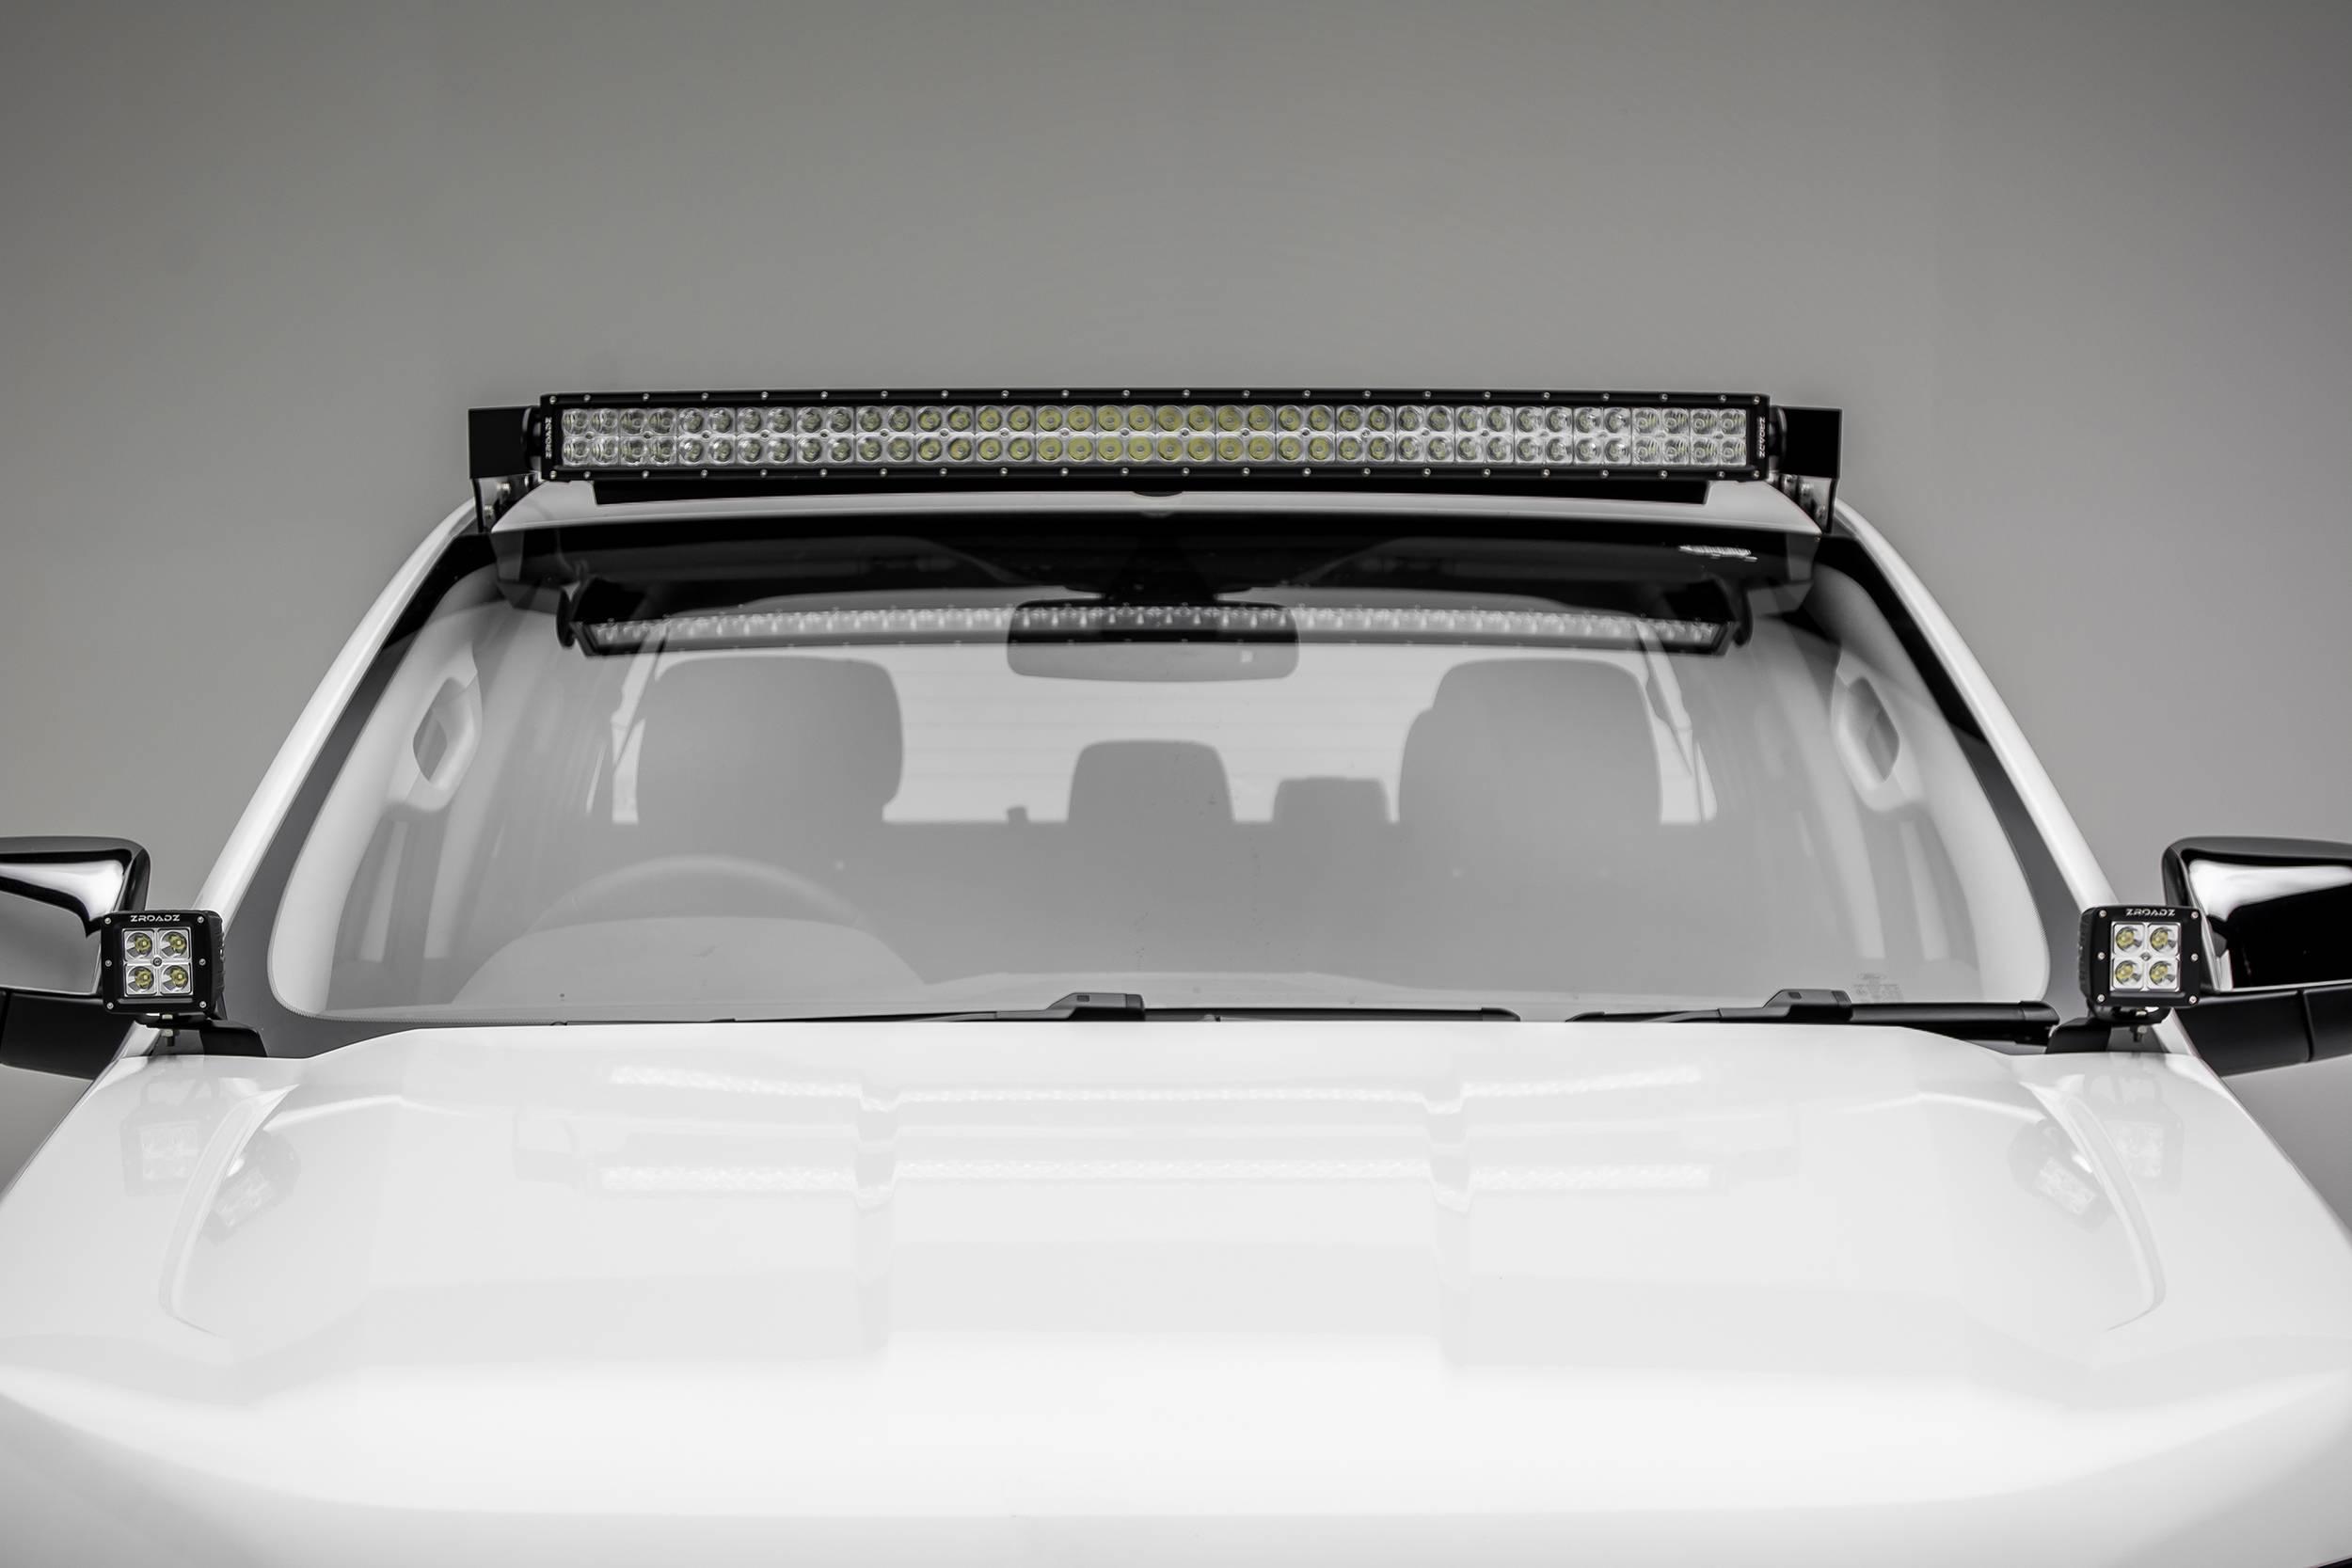 ZROADZ                                             - 2015-2018 Ford Ranger T6 Hood Hinge LED Kit with (2) 3 Inch LED Pod Lights - PN #Z365761-KIT2